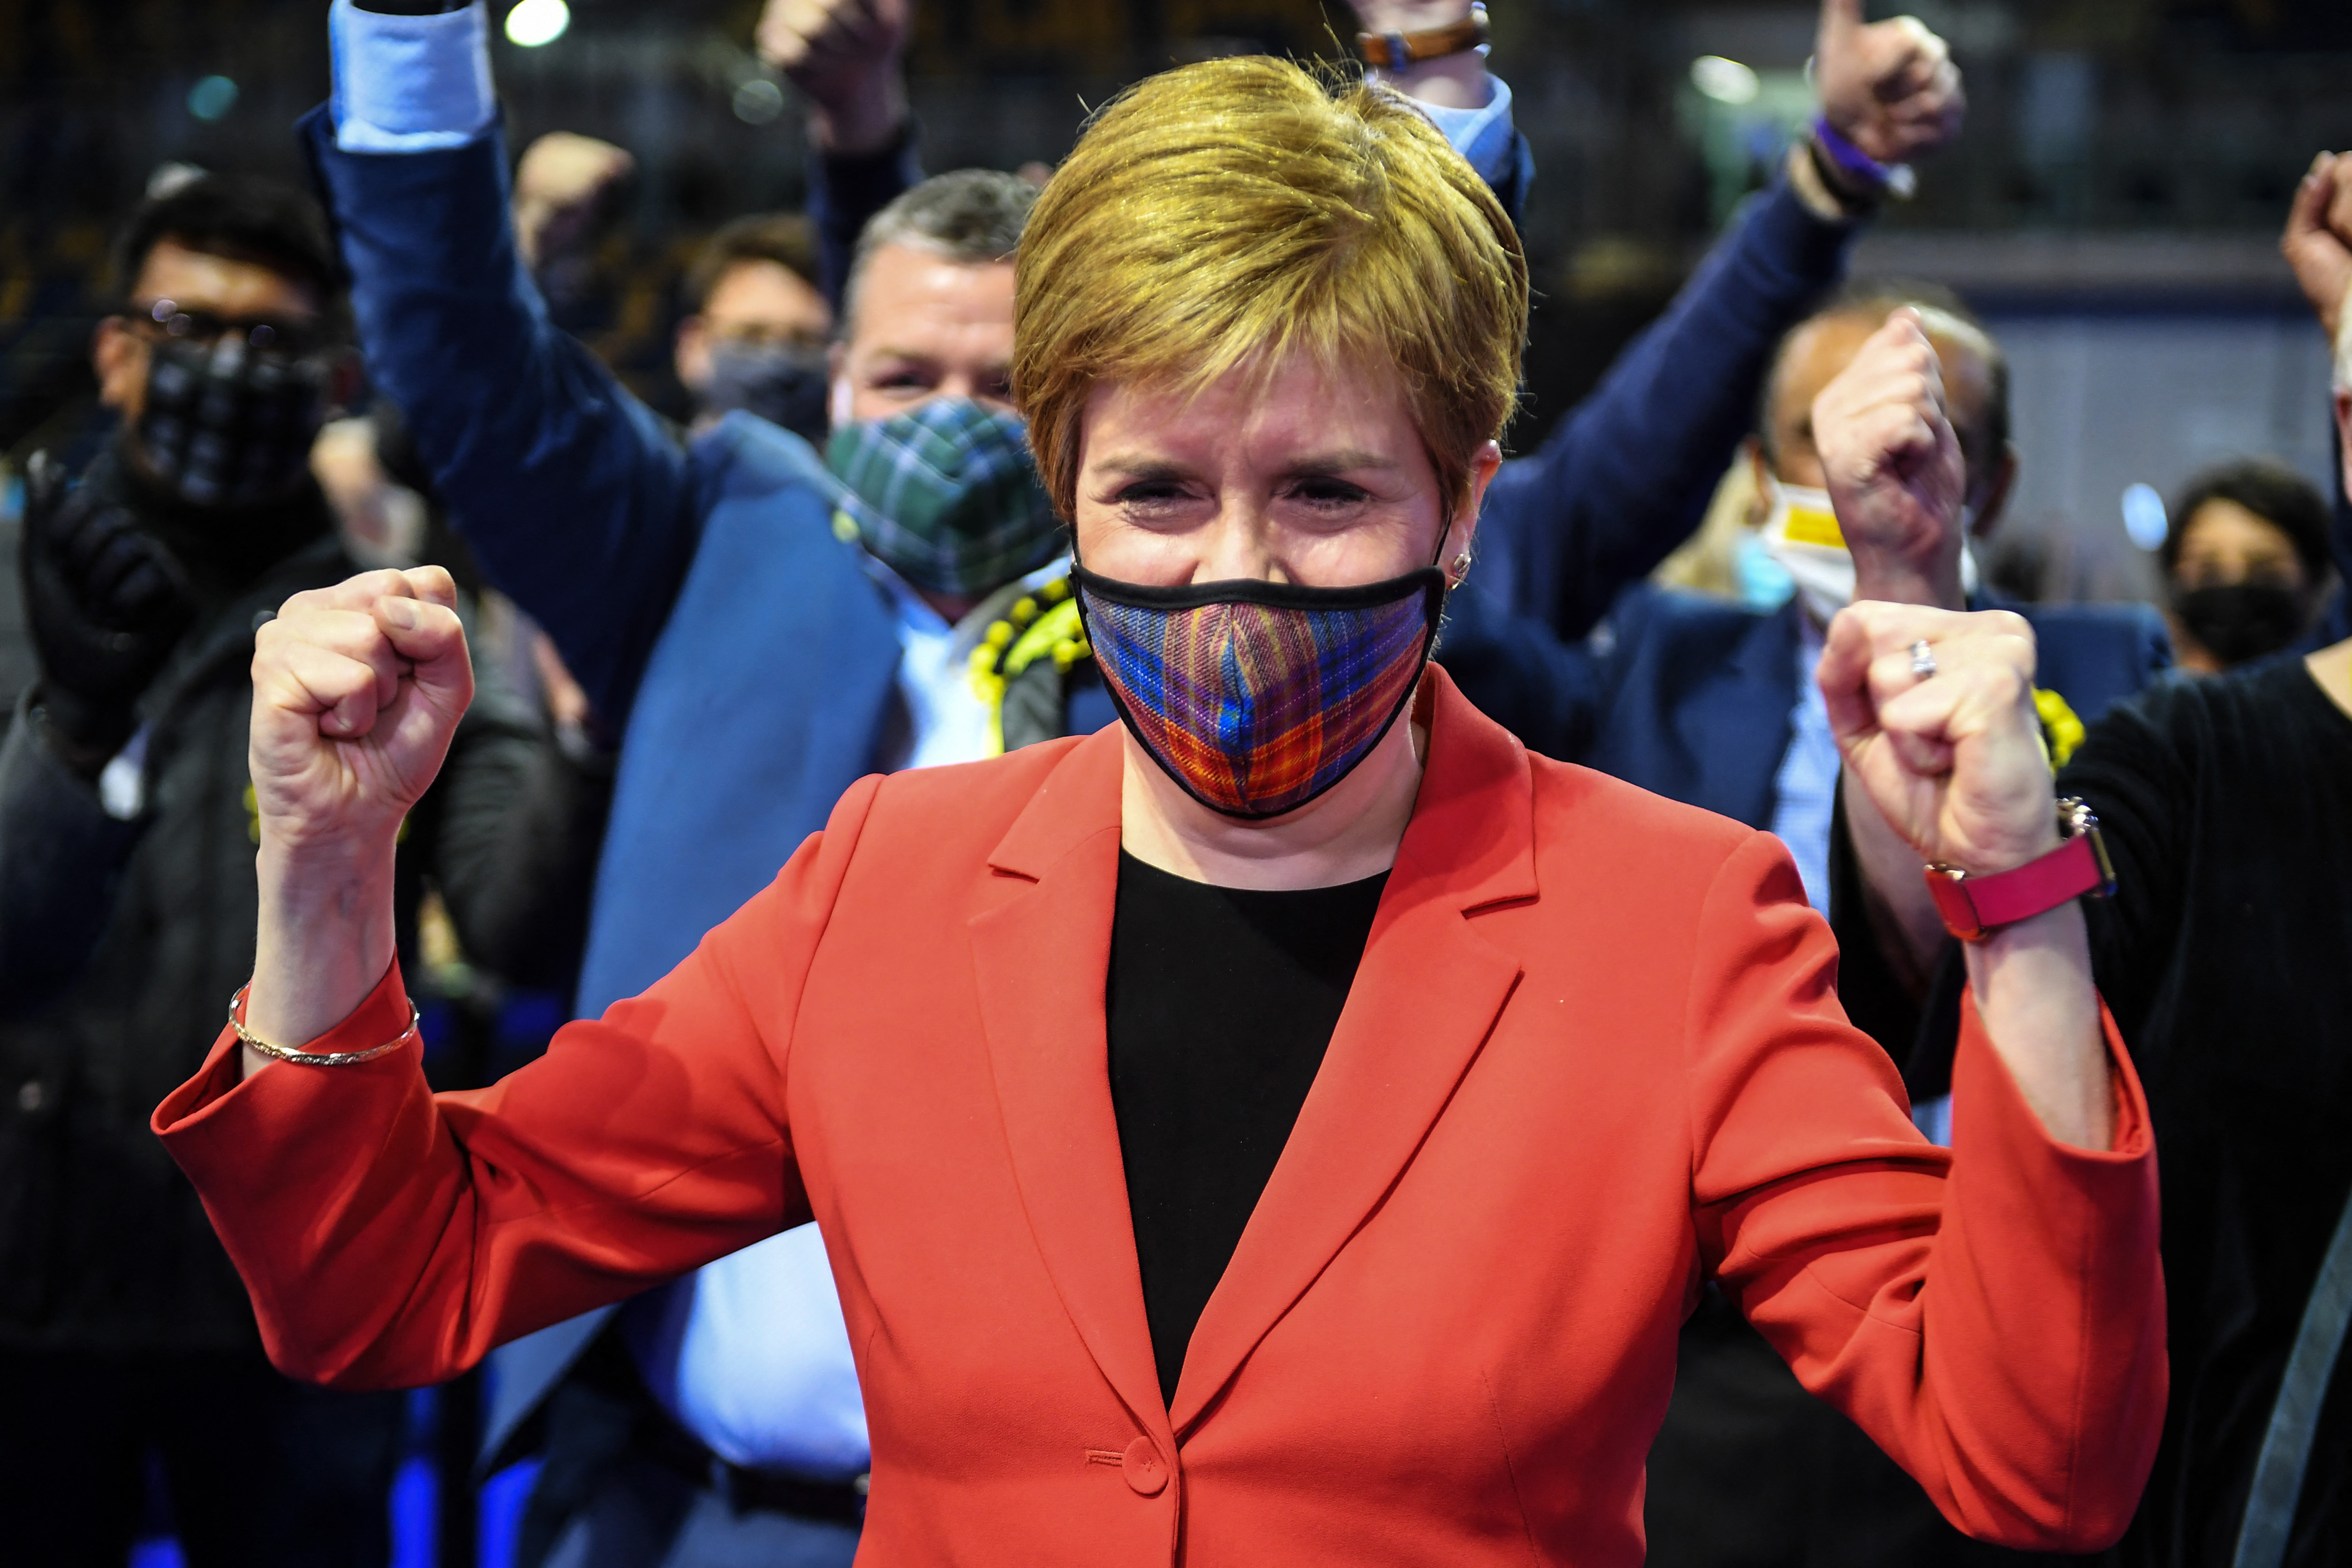 Függetlenségpárti parlamentet választottak a skótok